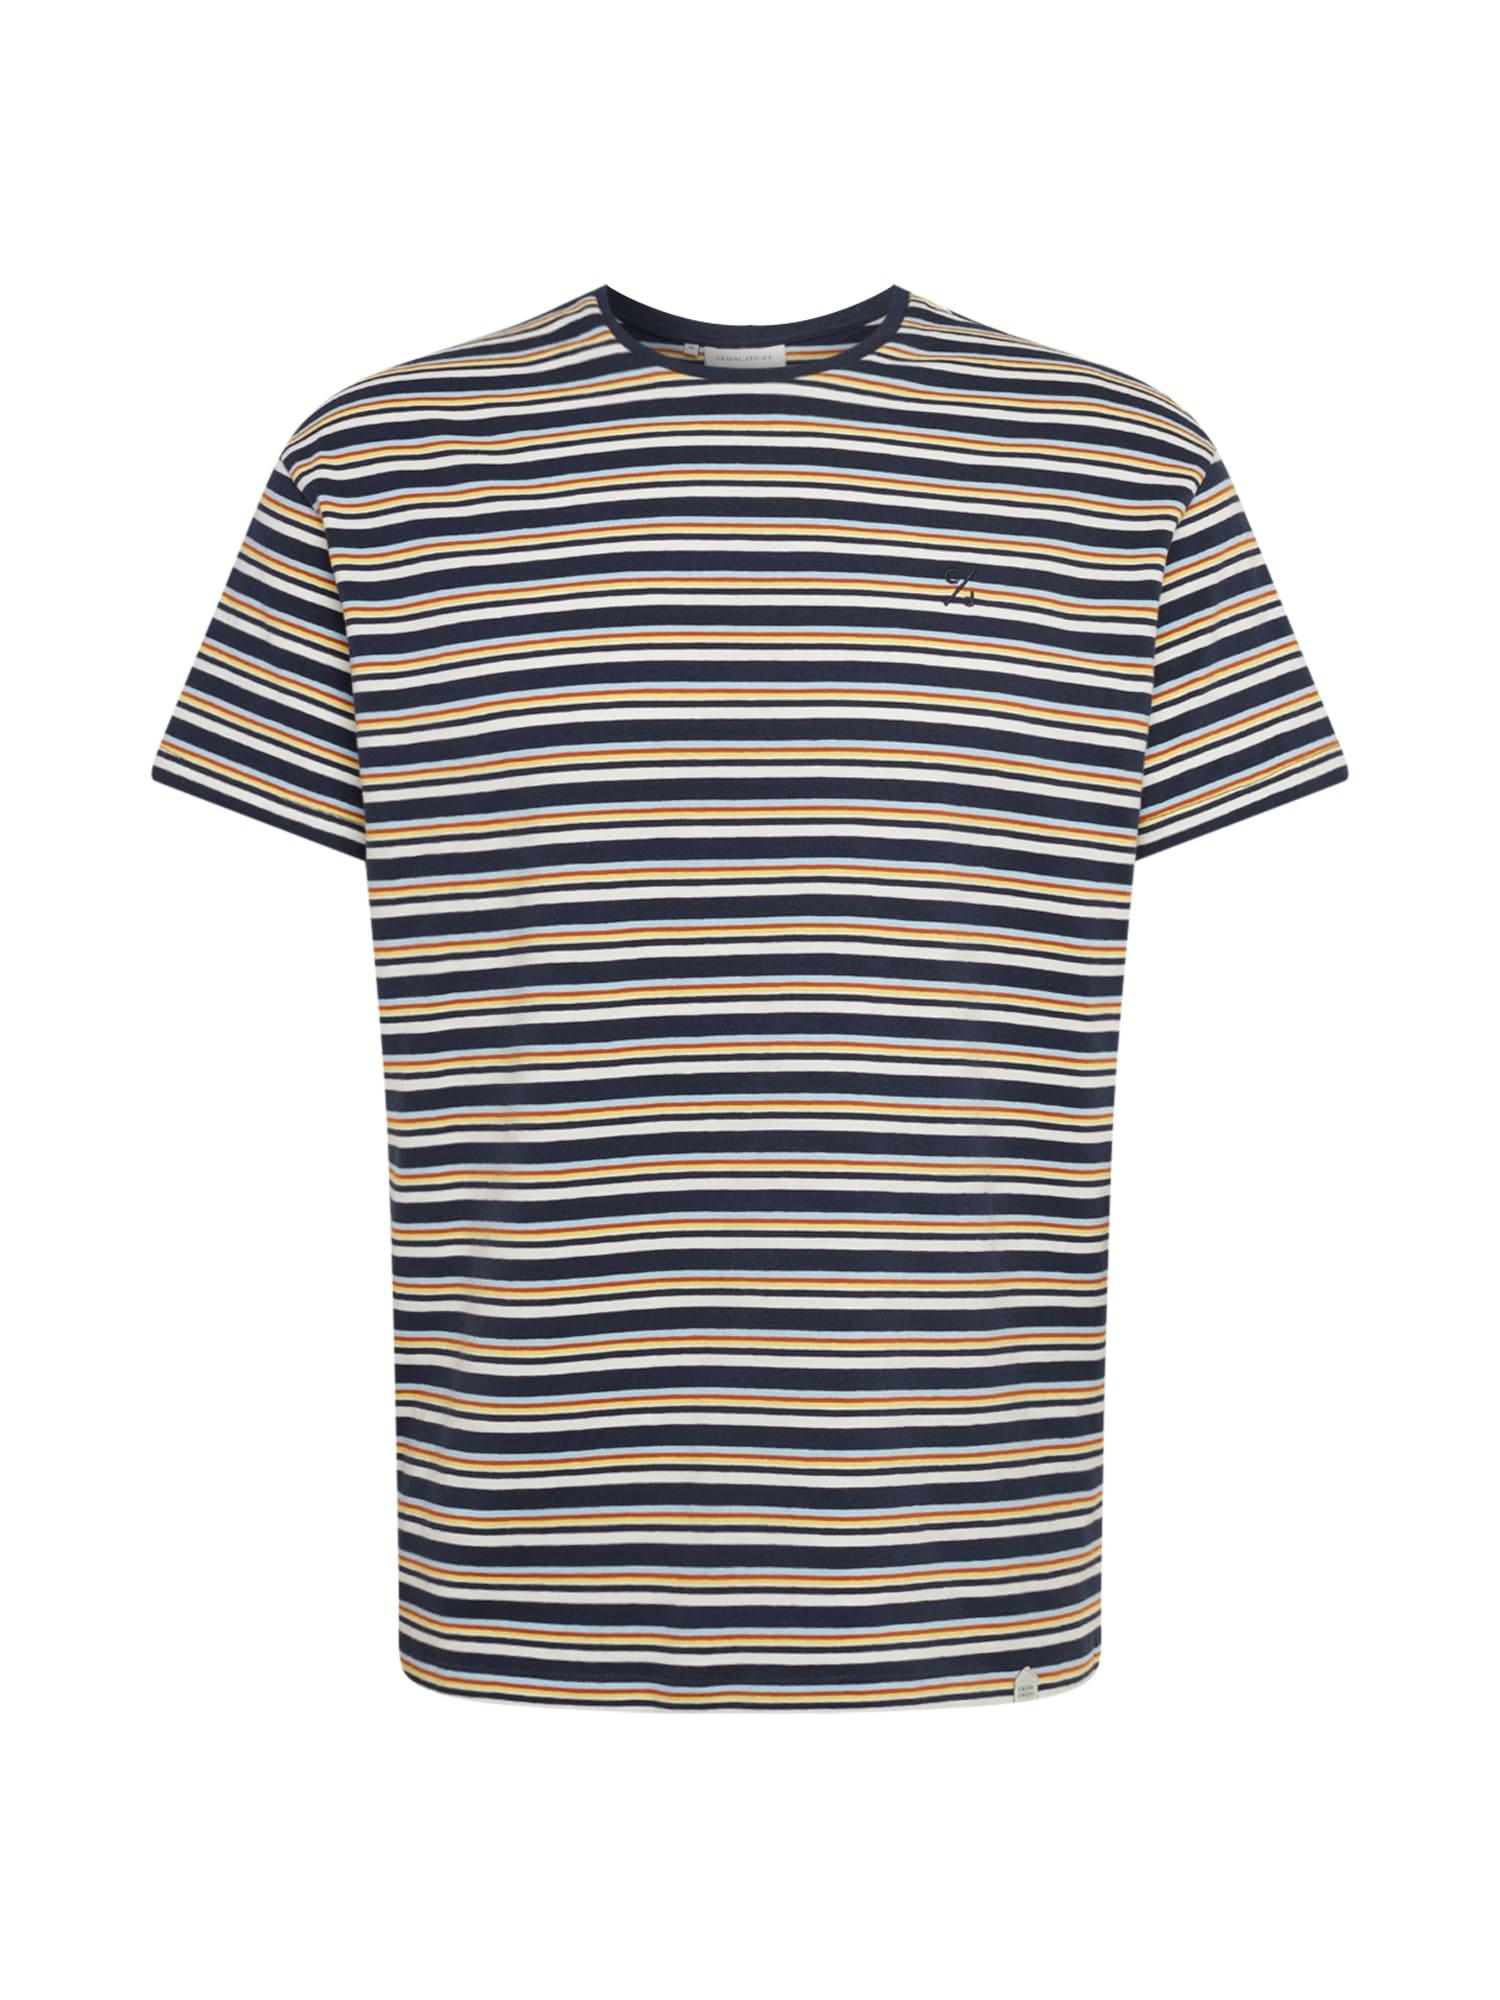 Casual Friday Marškinėliai 'Timo' mišrios spalvos / tamsiai mėlyna